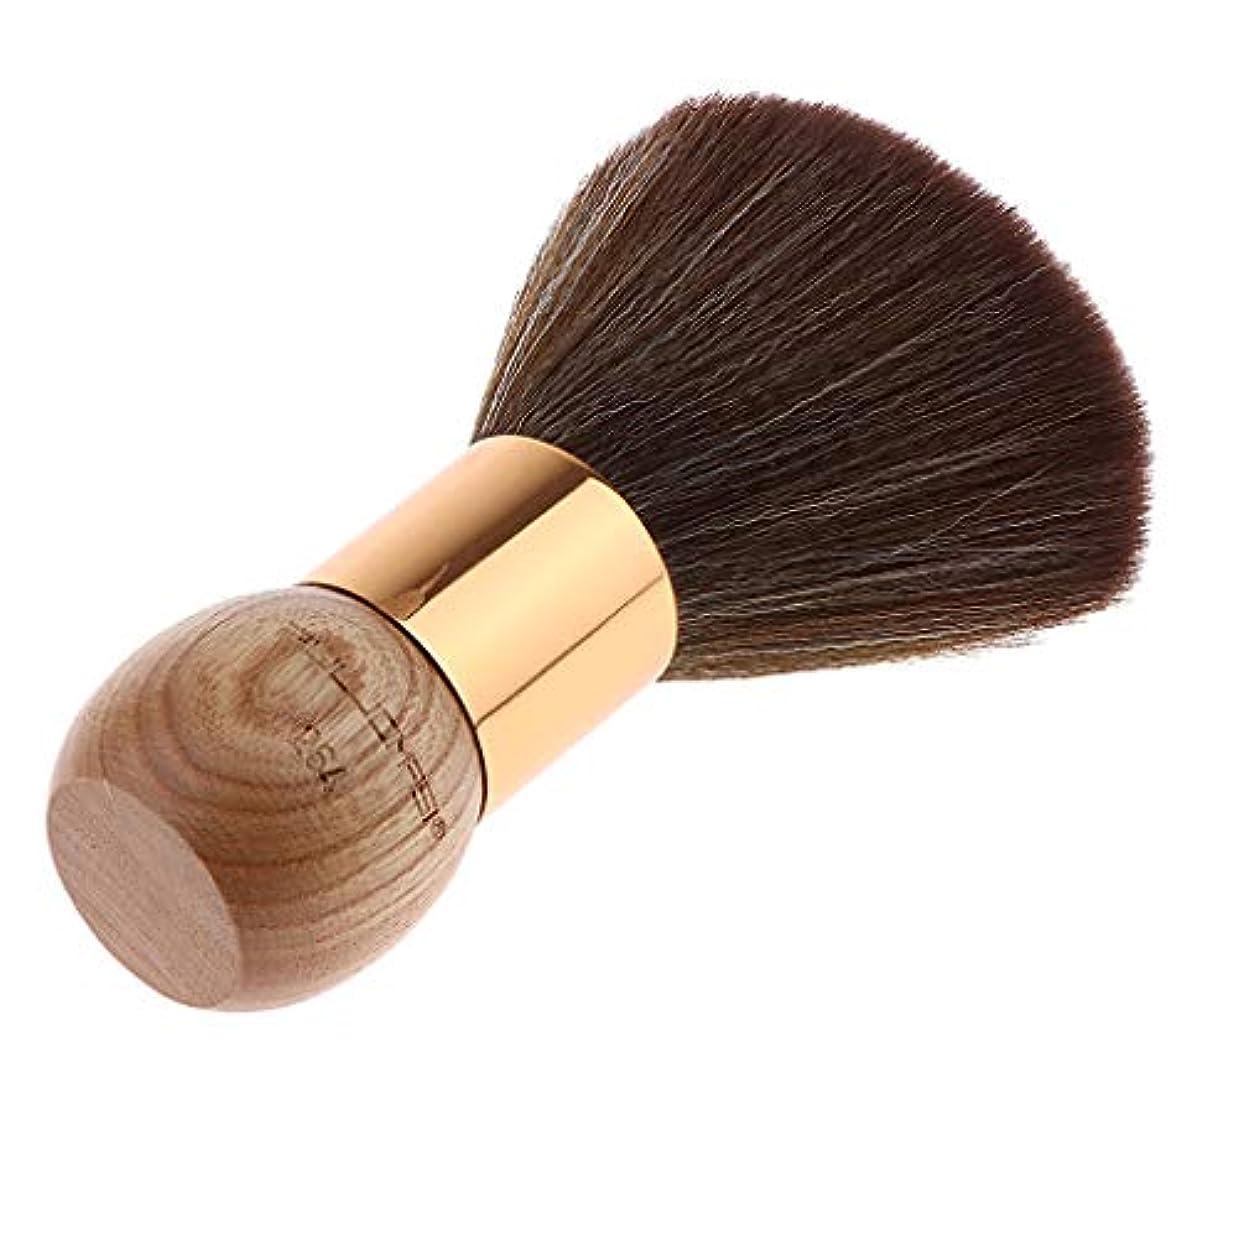 高架解釈する朝ごはんSharplace メンズ用 髭剃り ブラシ シェービングブラシ 木製ハンドル 男性 ギフト理容 洗顔 髭剃り